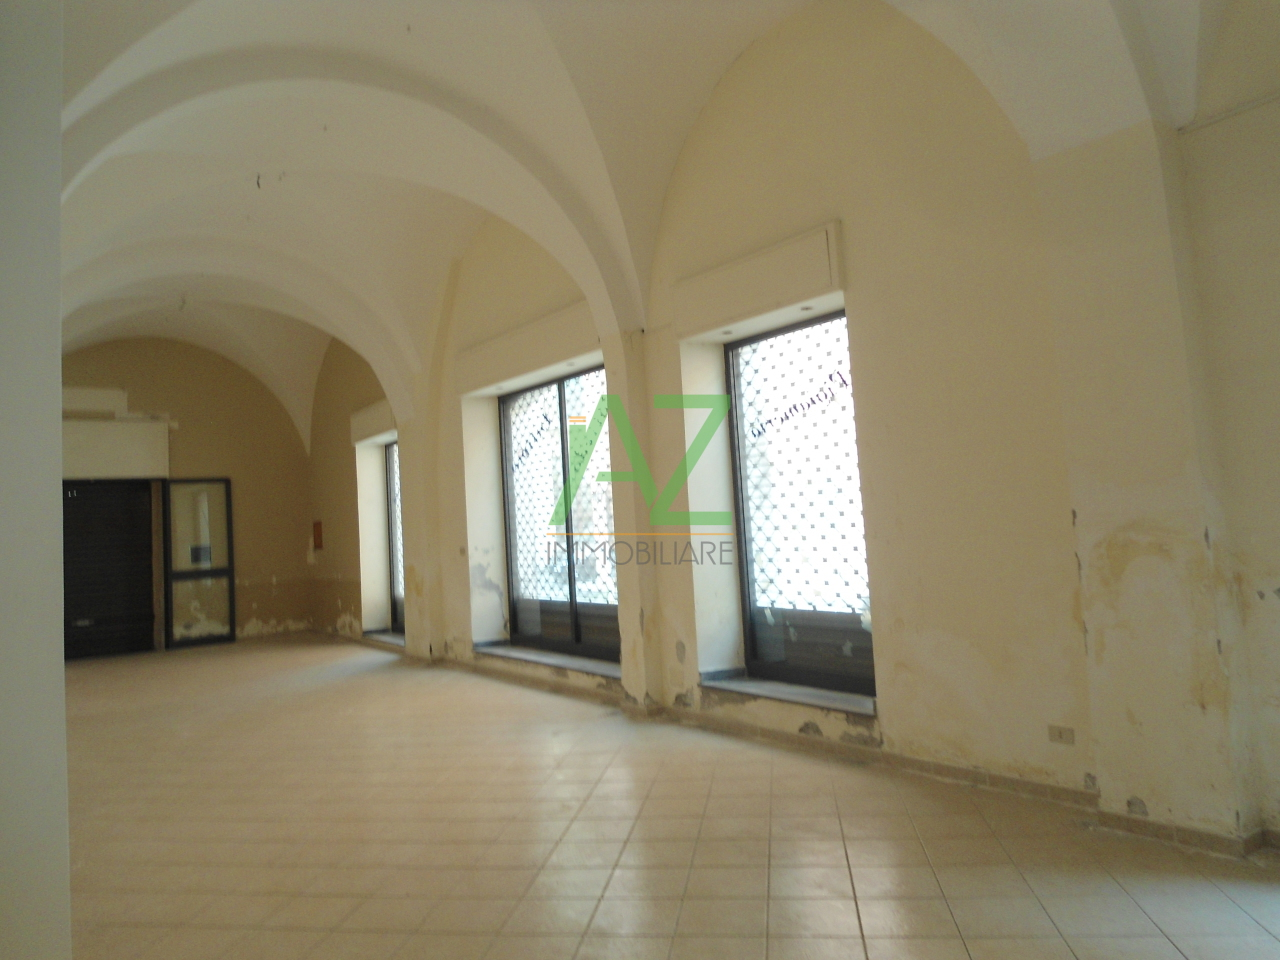 Negozio / Locale in affitto a Acireale, 9999 locali, prezzo € 400 | Cambio Casa.it